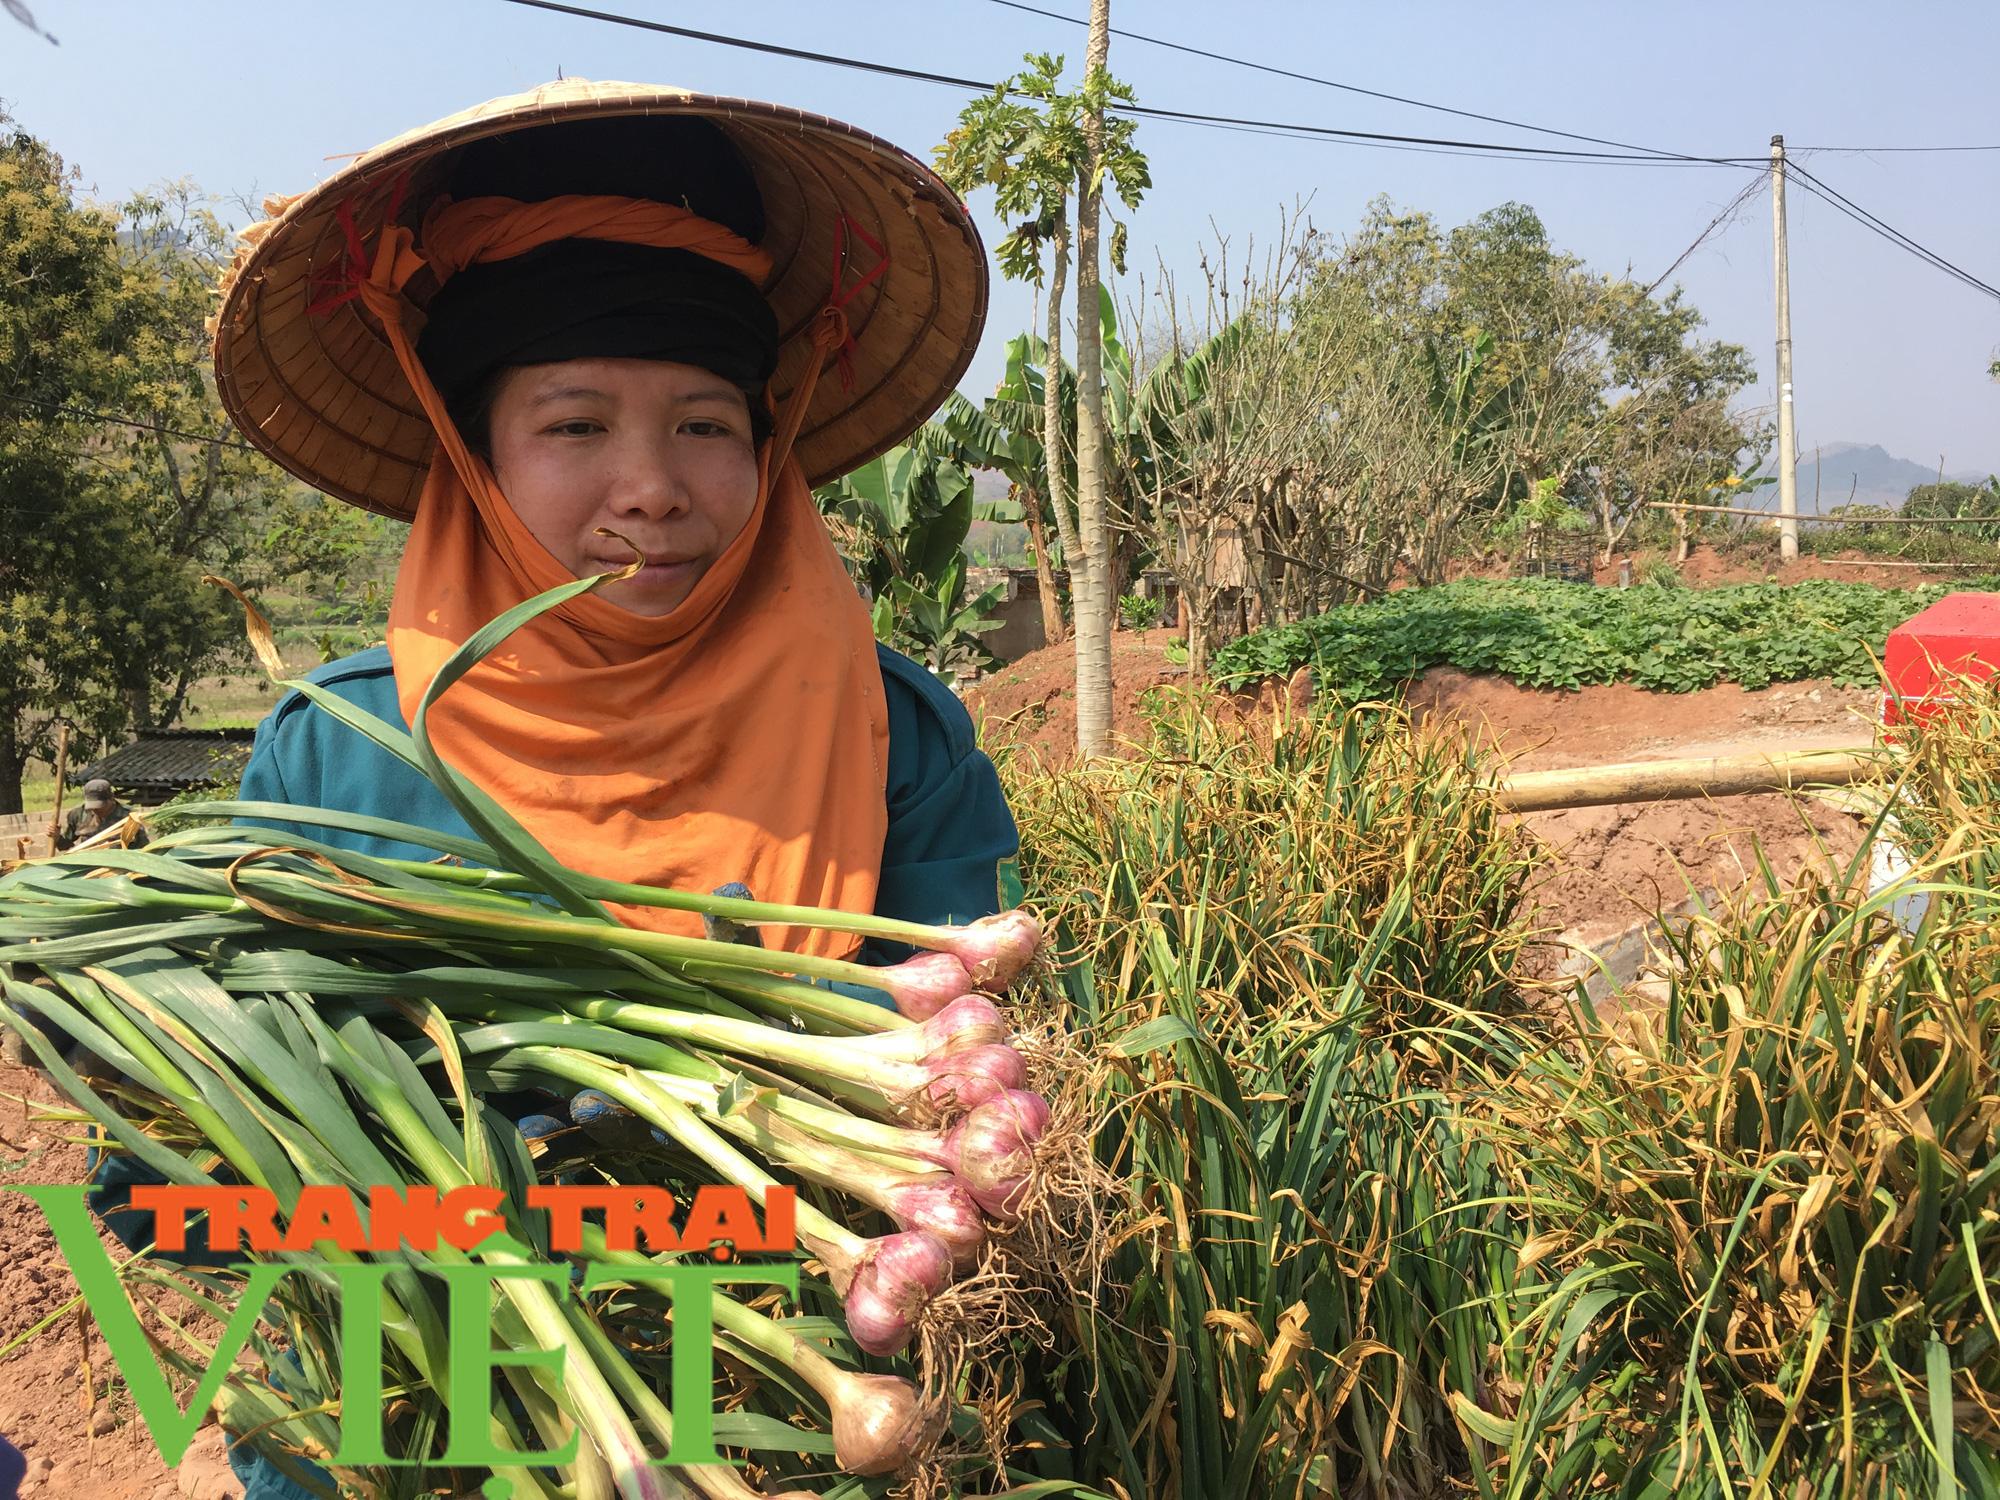 Yên Châu: Ứng dụng khoa học - kỹ thuật vào sản xuất nông nghiệp - Ảnh 2.